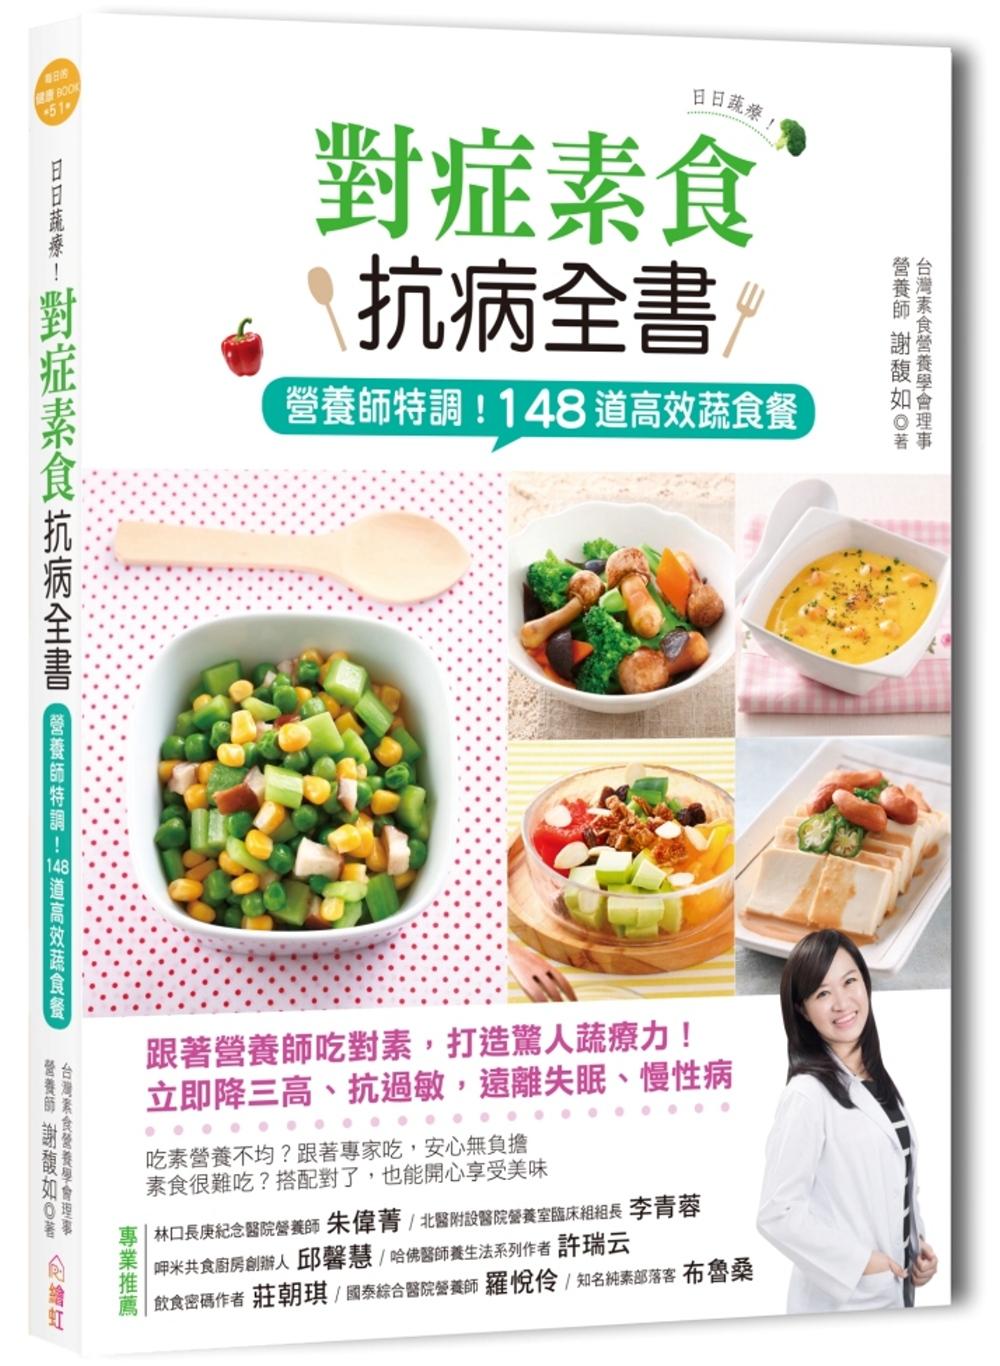 日日蔬療!對症素食抗病全書:營養師特調!148道高效蔬食餐,吃對了,立即降三高、抗過敏,遠離失眠、慢性病